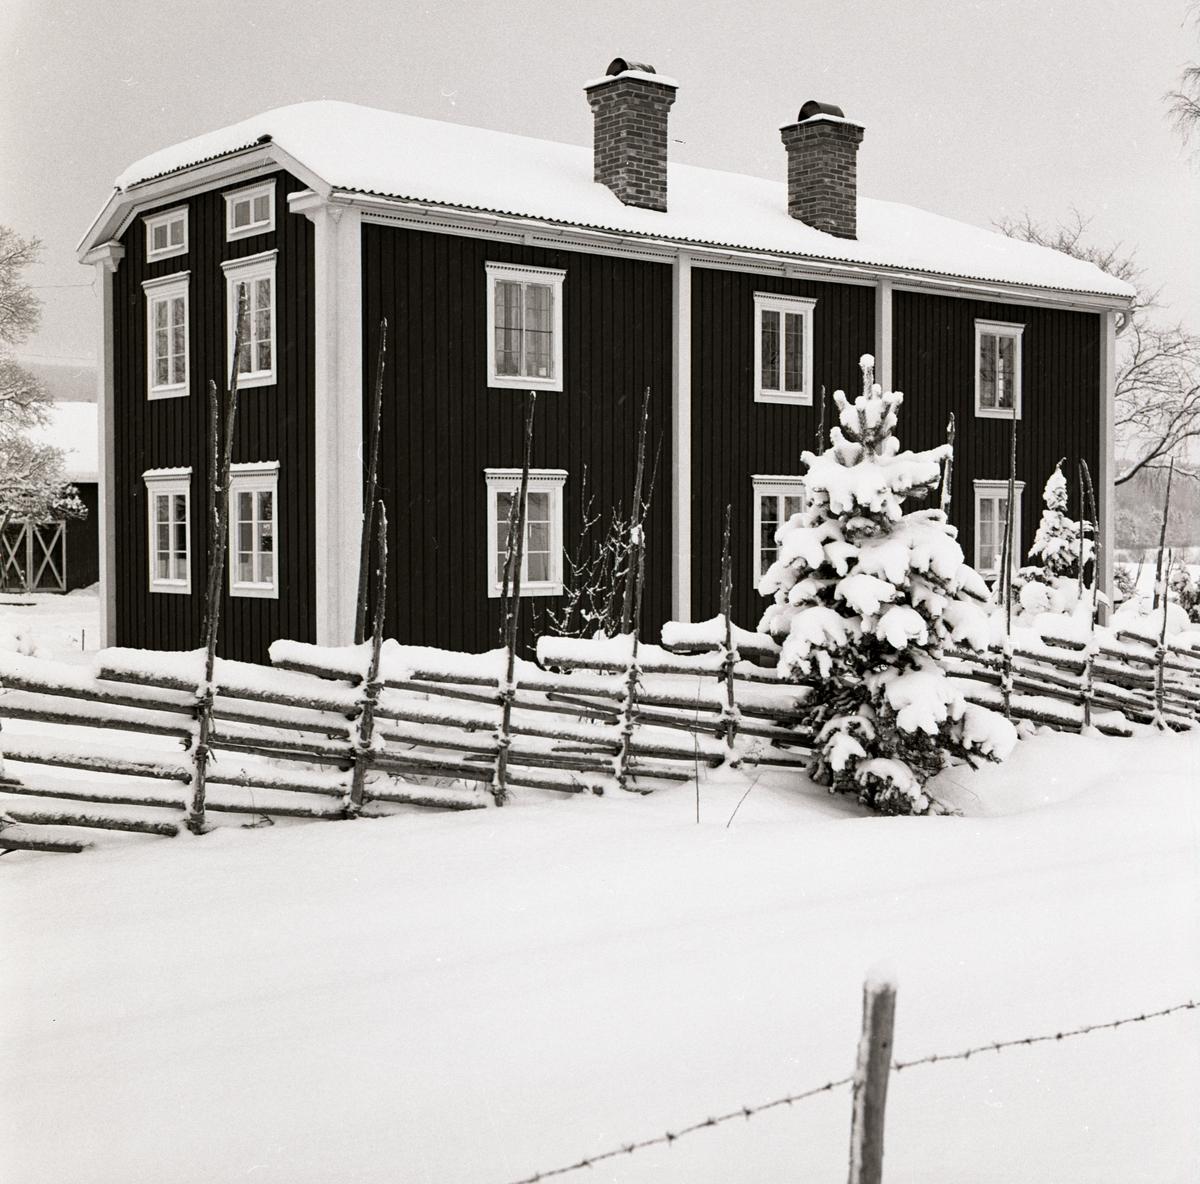 Gården Sunnanåker i vinterskrud, januari 1970